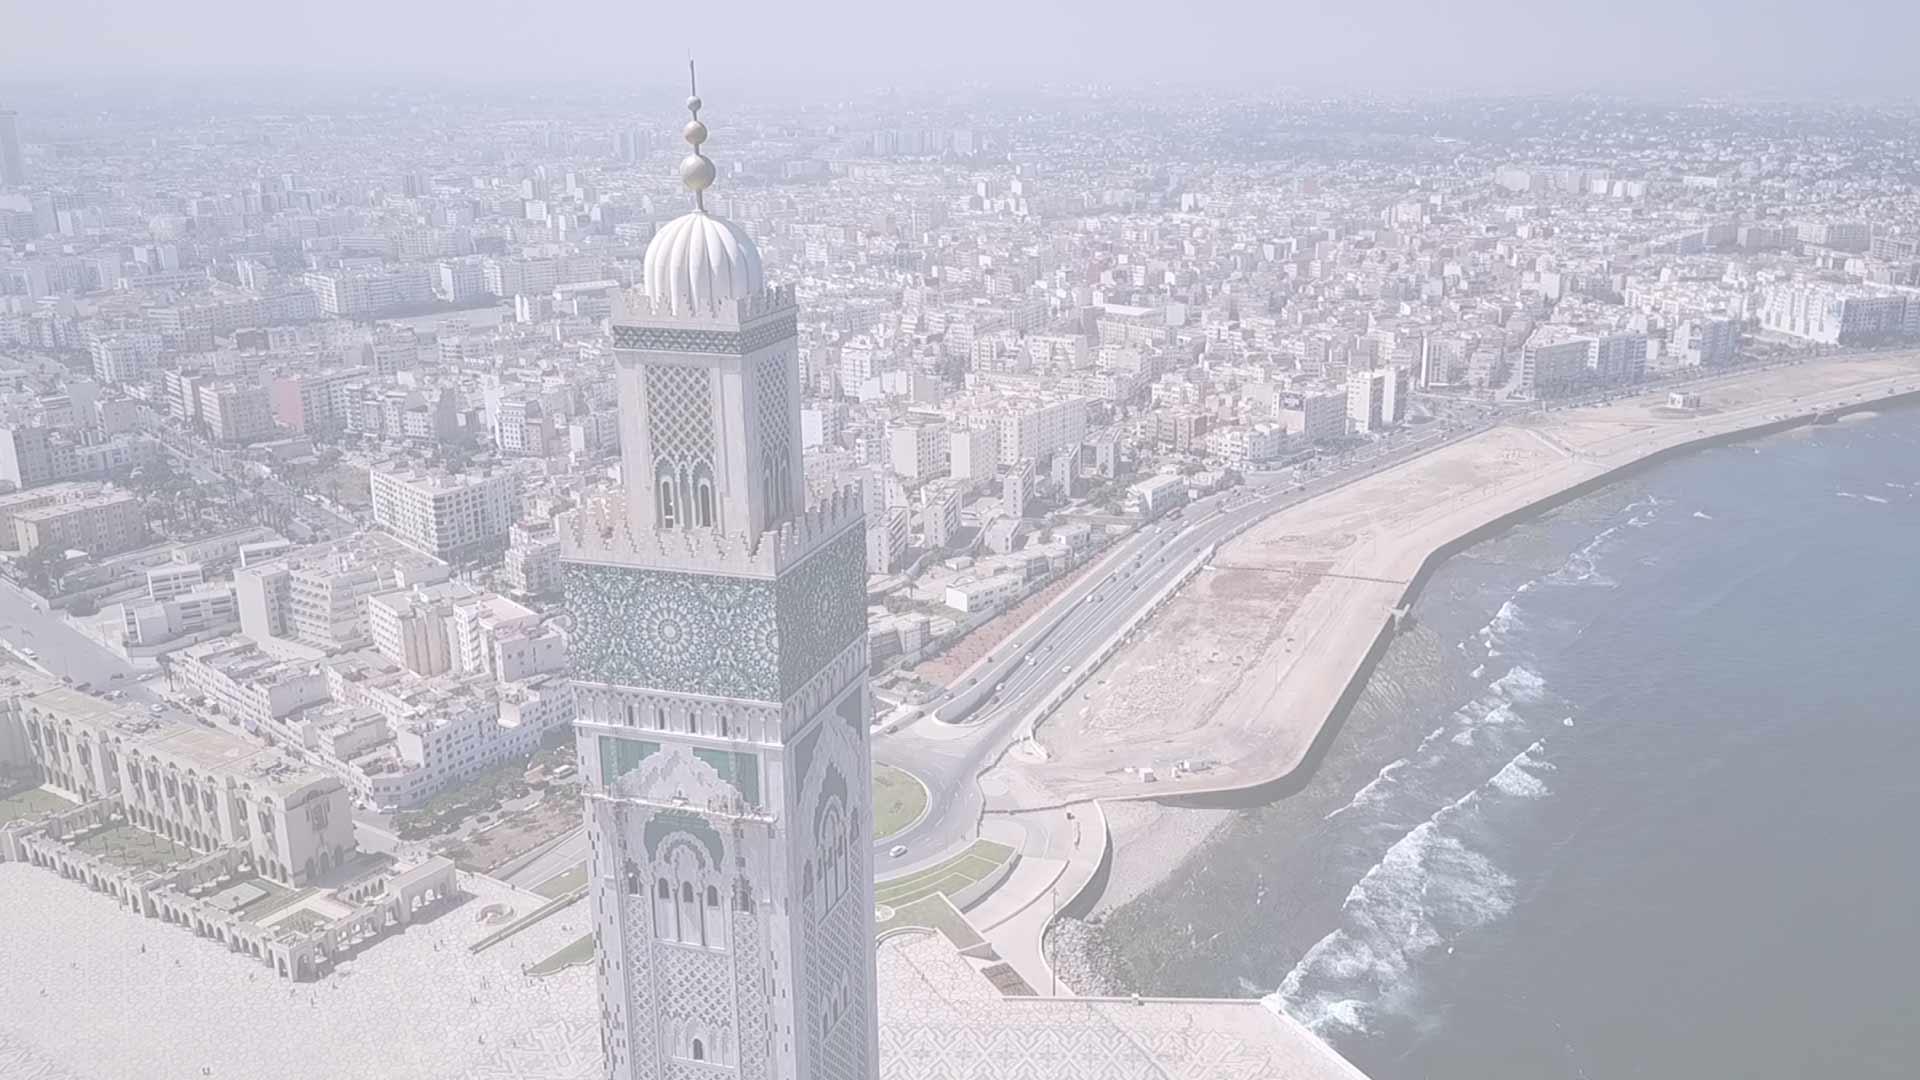 La ville de Casablanca